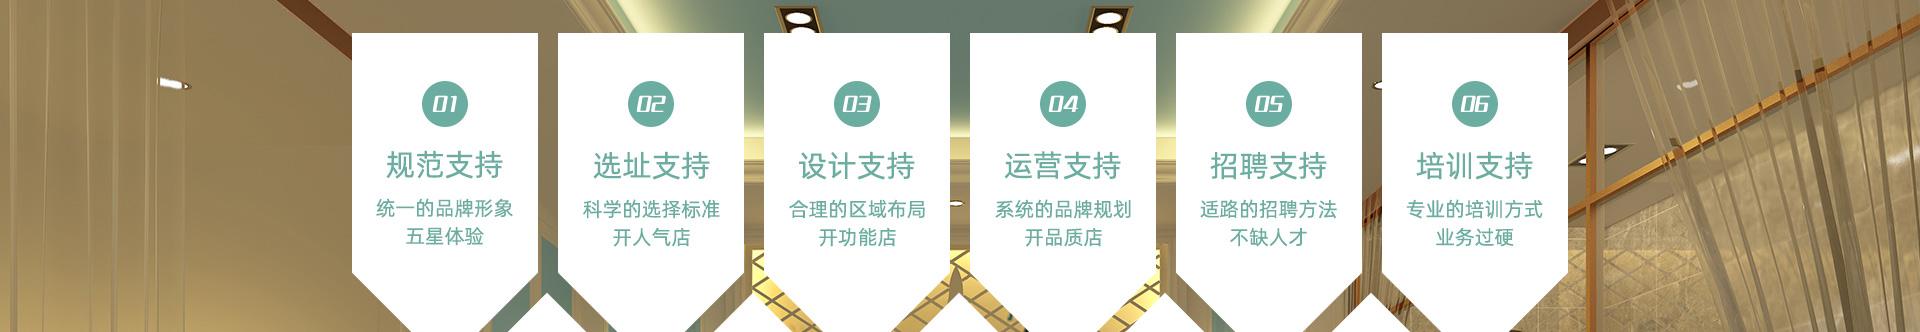 蘭馨美孕产后复龄中心详情页_13